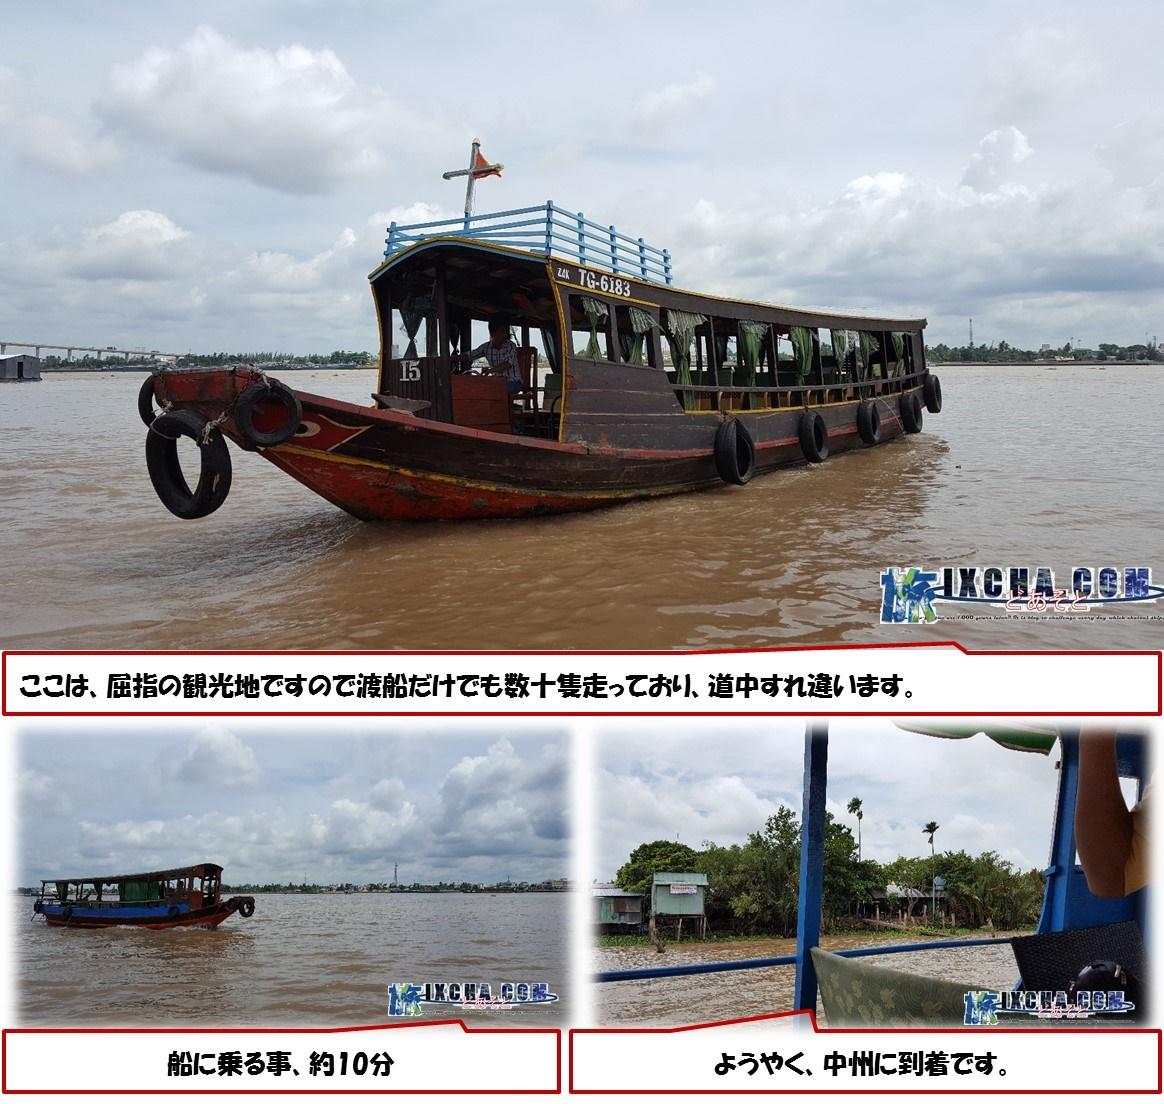 ここは、屈指の観光地ですので渡船だけでも数十隻走っており、道中すれ違います。 船に乗る事、約10分 ようやく、中州に到着です。